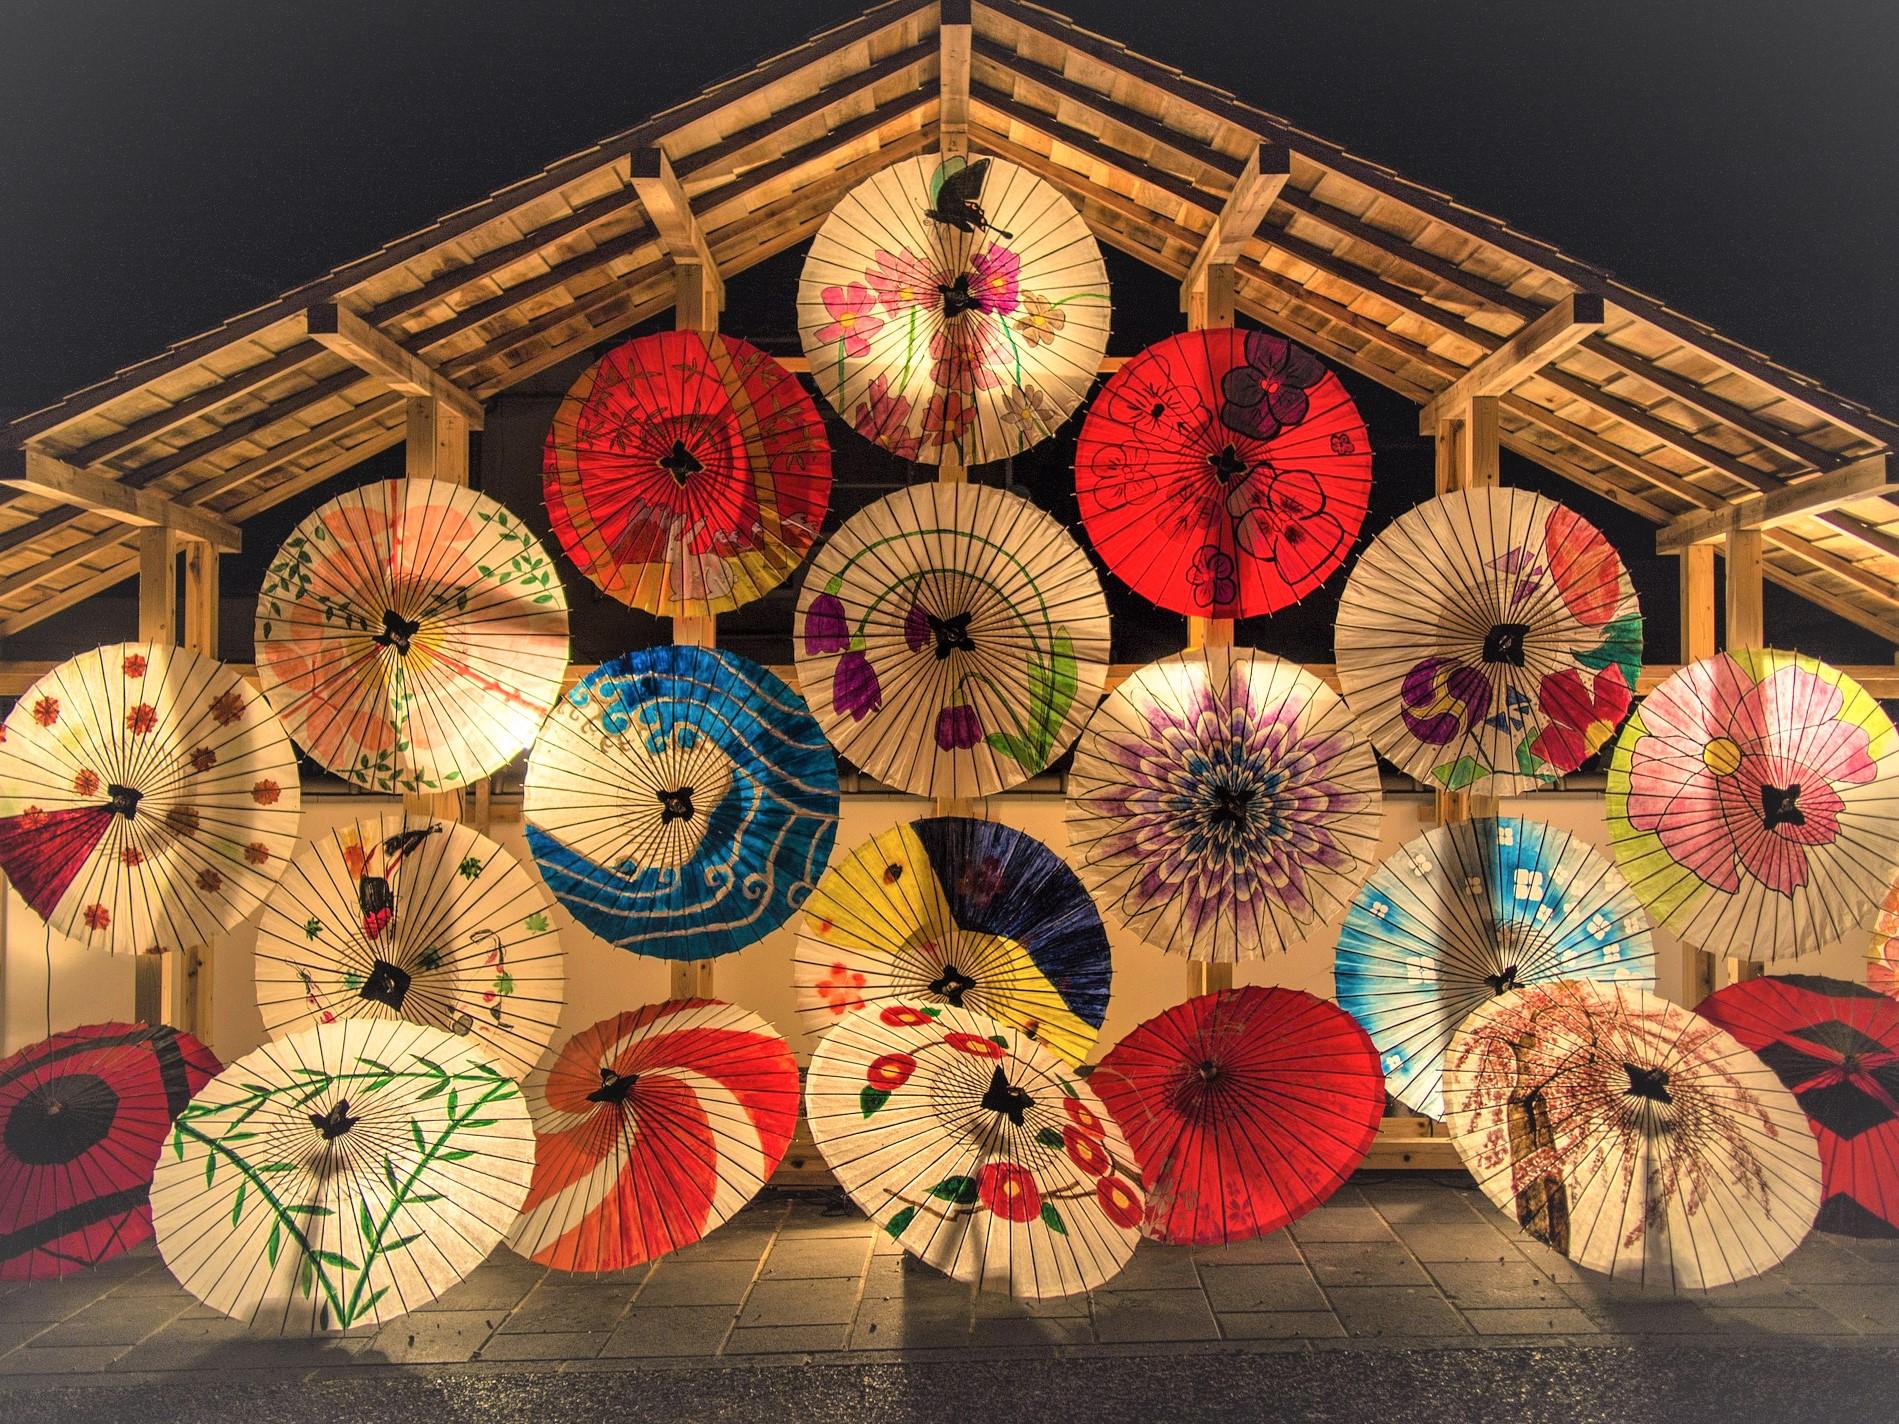 様々な絵柄や赤白青など色とりどりの和傘がピラミッドのように重なりライトアップされている幻想的な写真